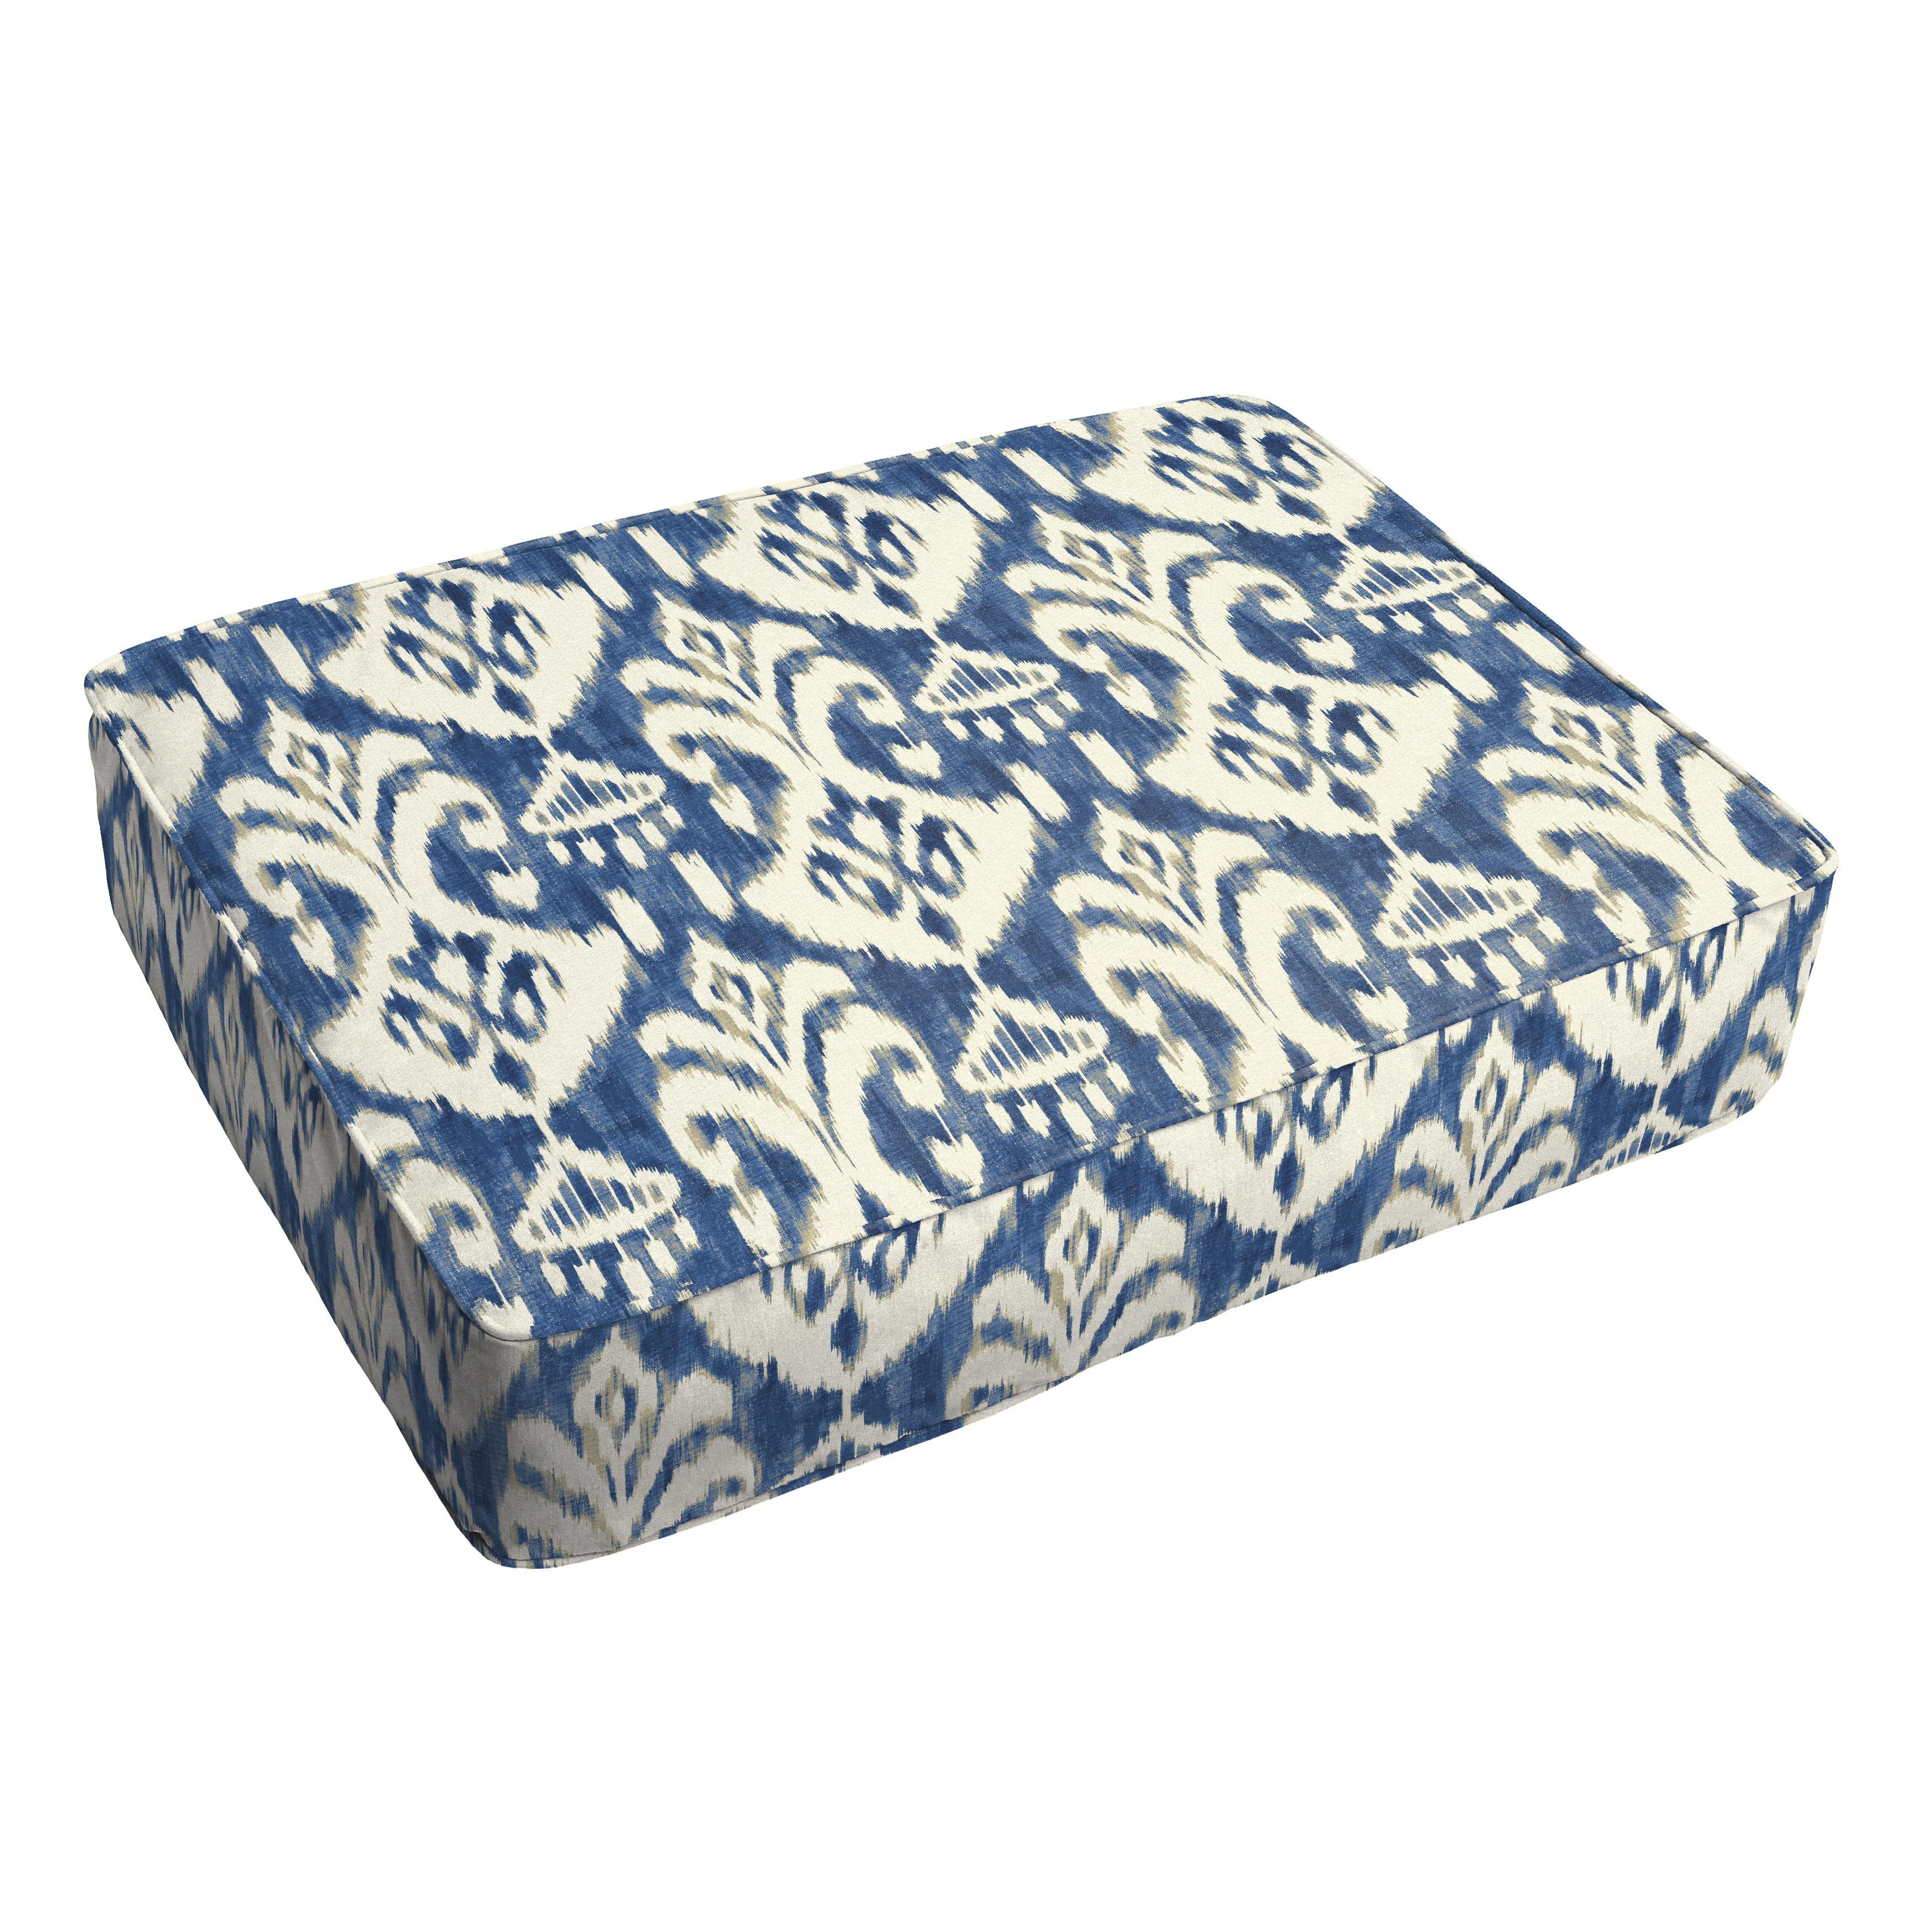 Rainford II Indigo Ikat Indoor/ Outdoor 18 x 29 Inch Corded Floor Cushion (OSCS8128)